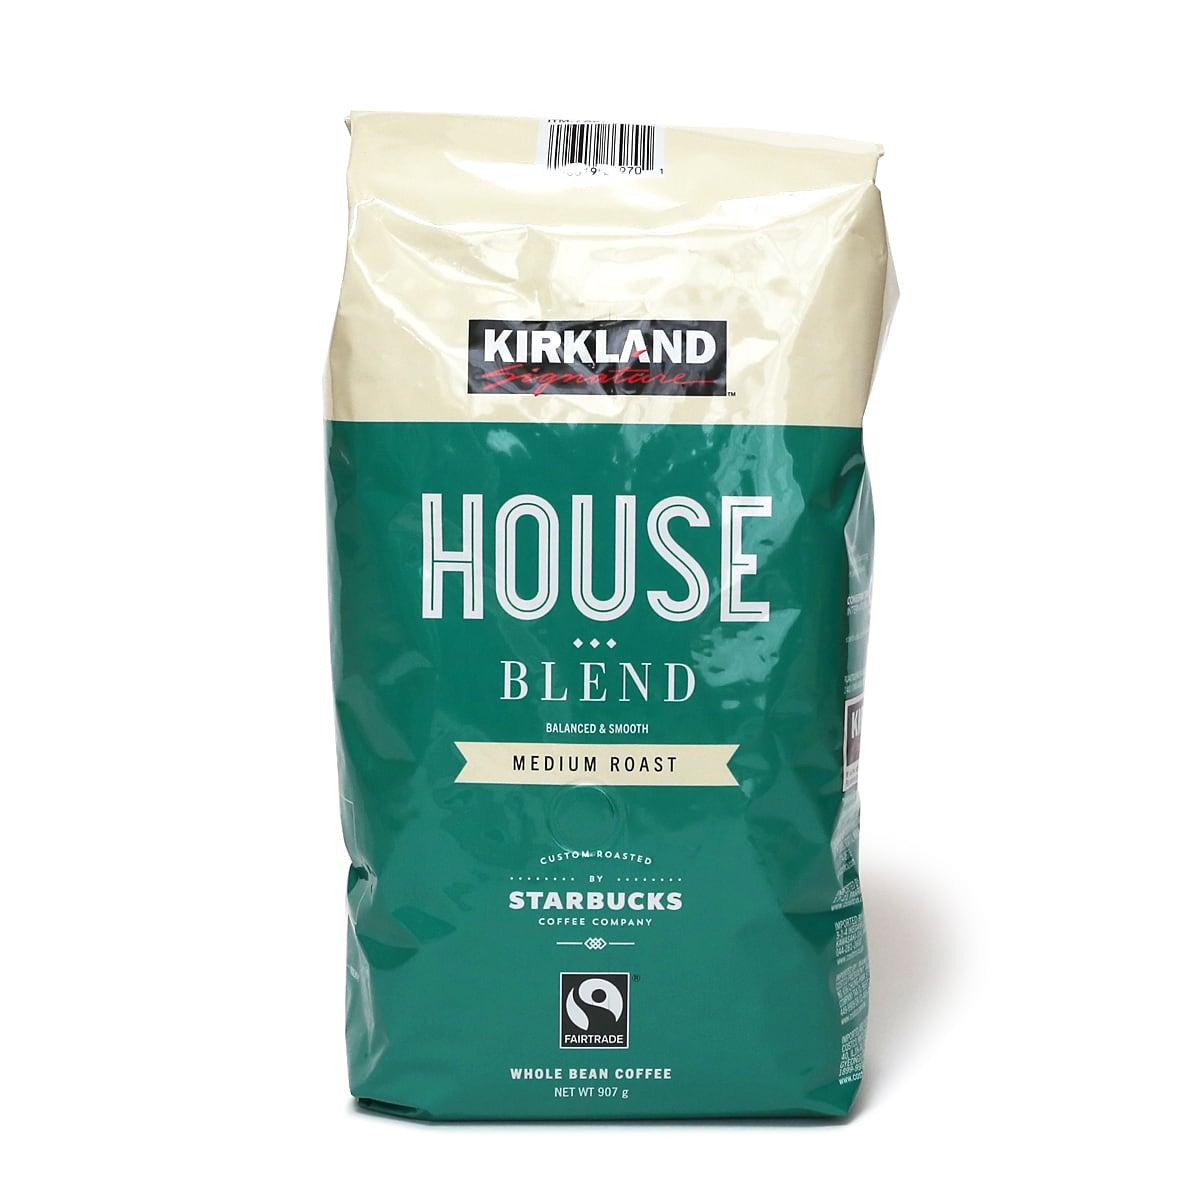 カークランドシグネチャー スターバックス ハウスブレンドコーヒー(豆)1.13kg